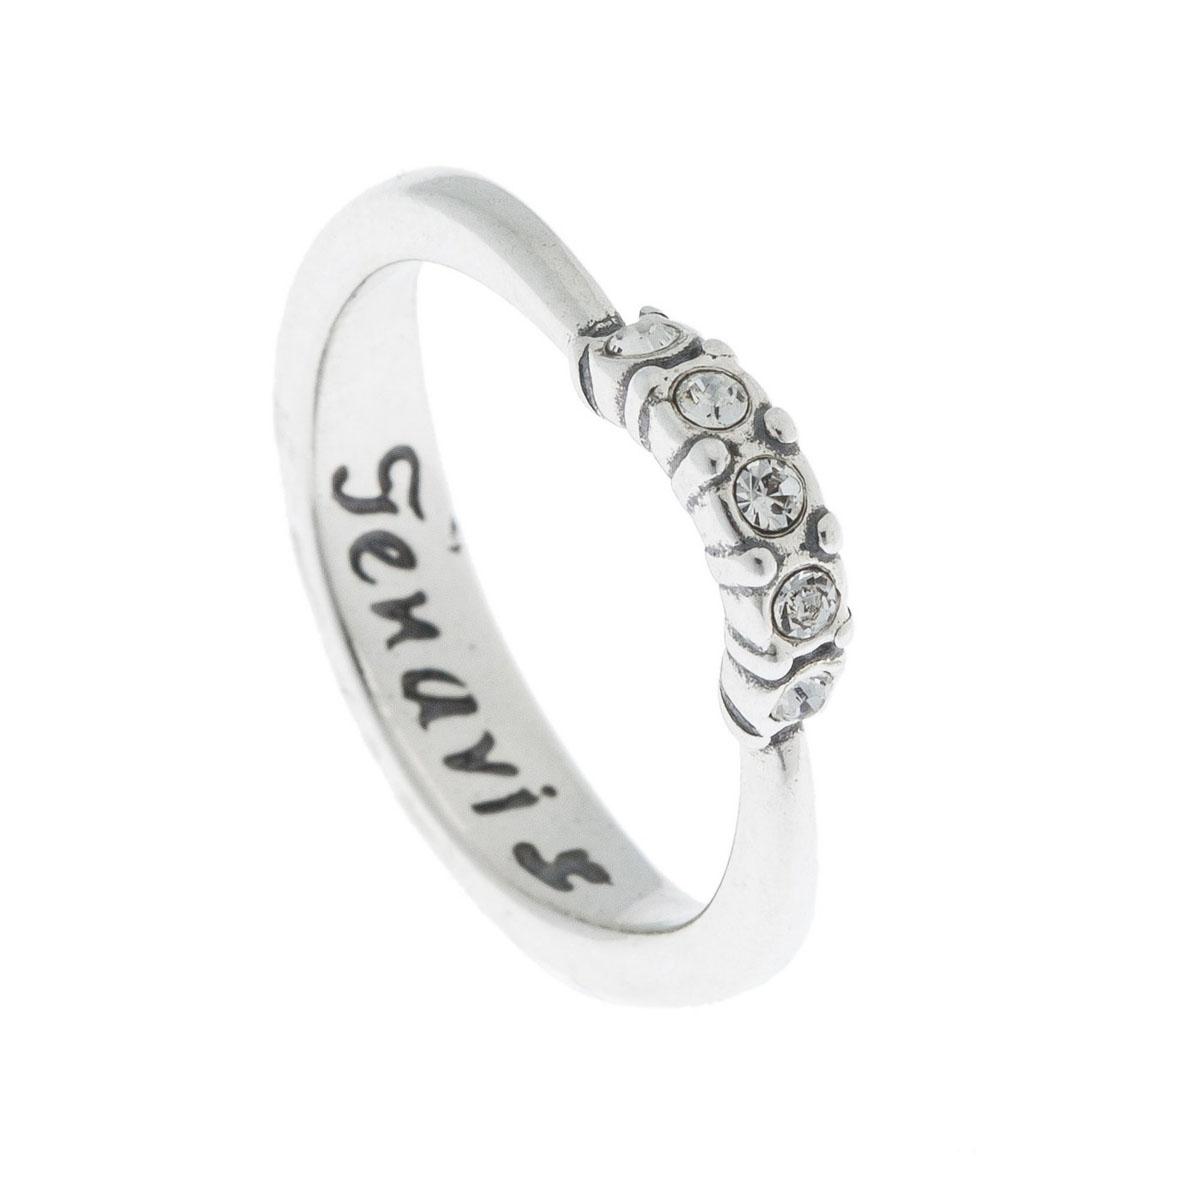 Кольцо Jenavi Эдра, цвет: серебро, белый. k4903000. Размер 16k4903000Коллекция Э, Эдра (Кольцо) гипоаллергенный ювелирный сплав,Черненое серебро, вставка Кристаллы Swarovski